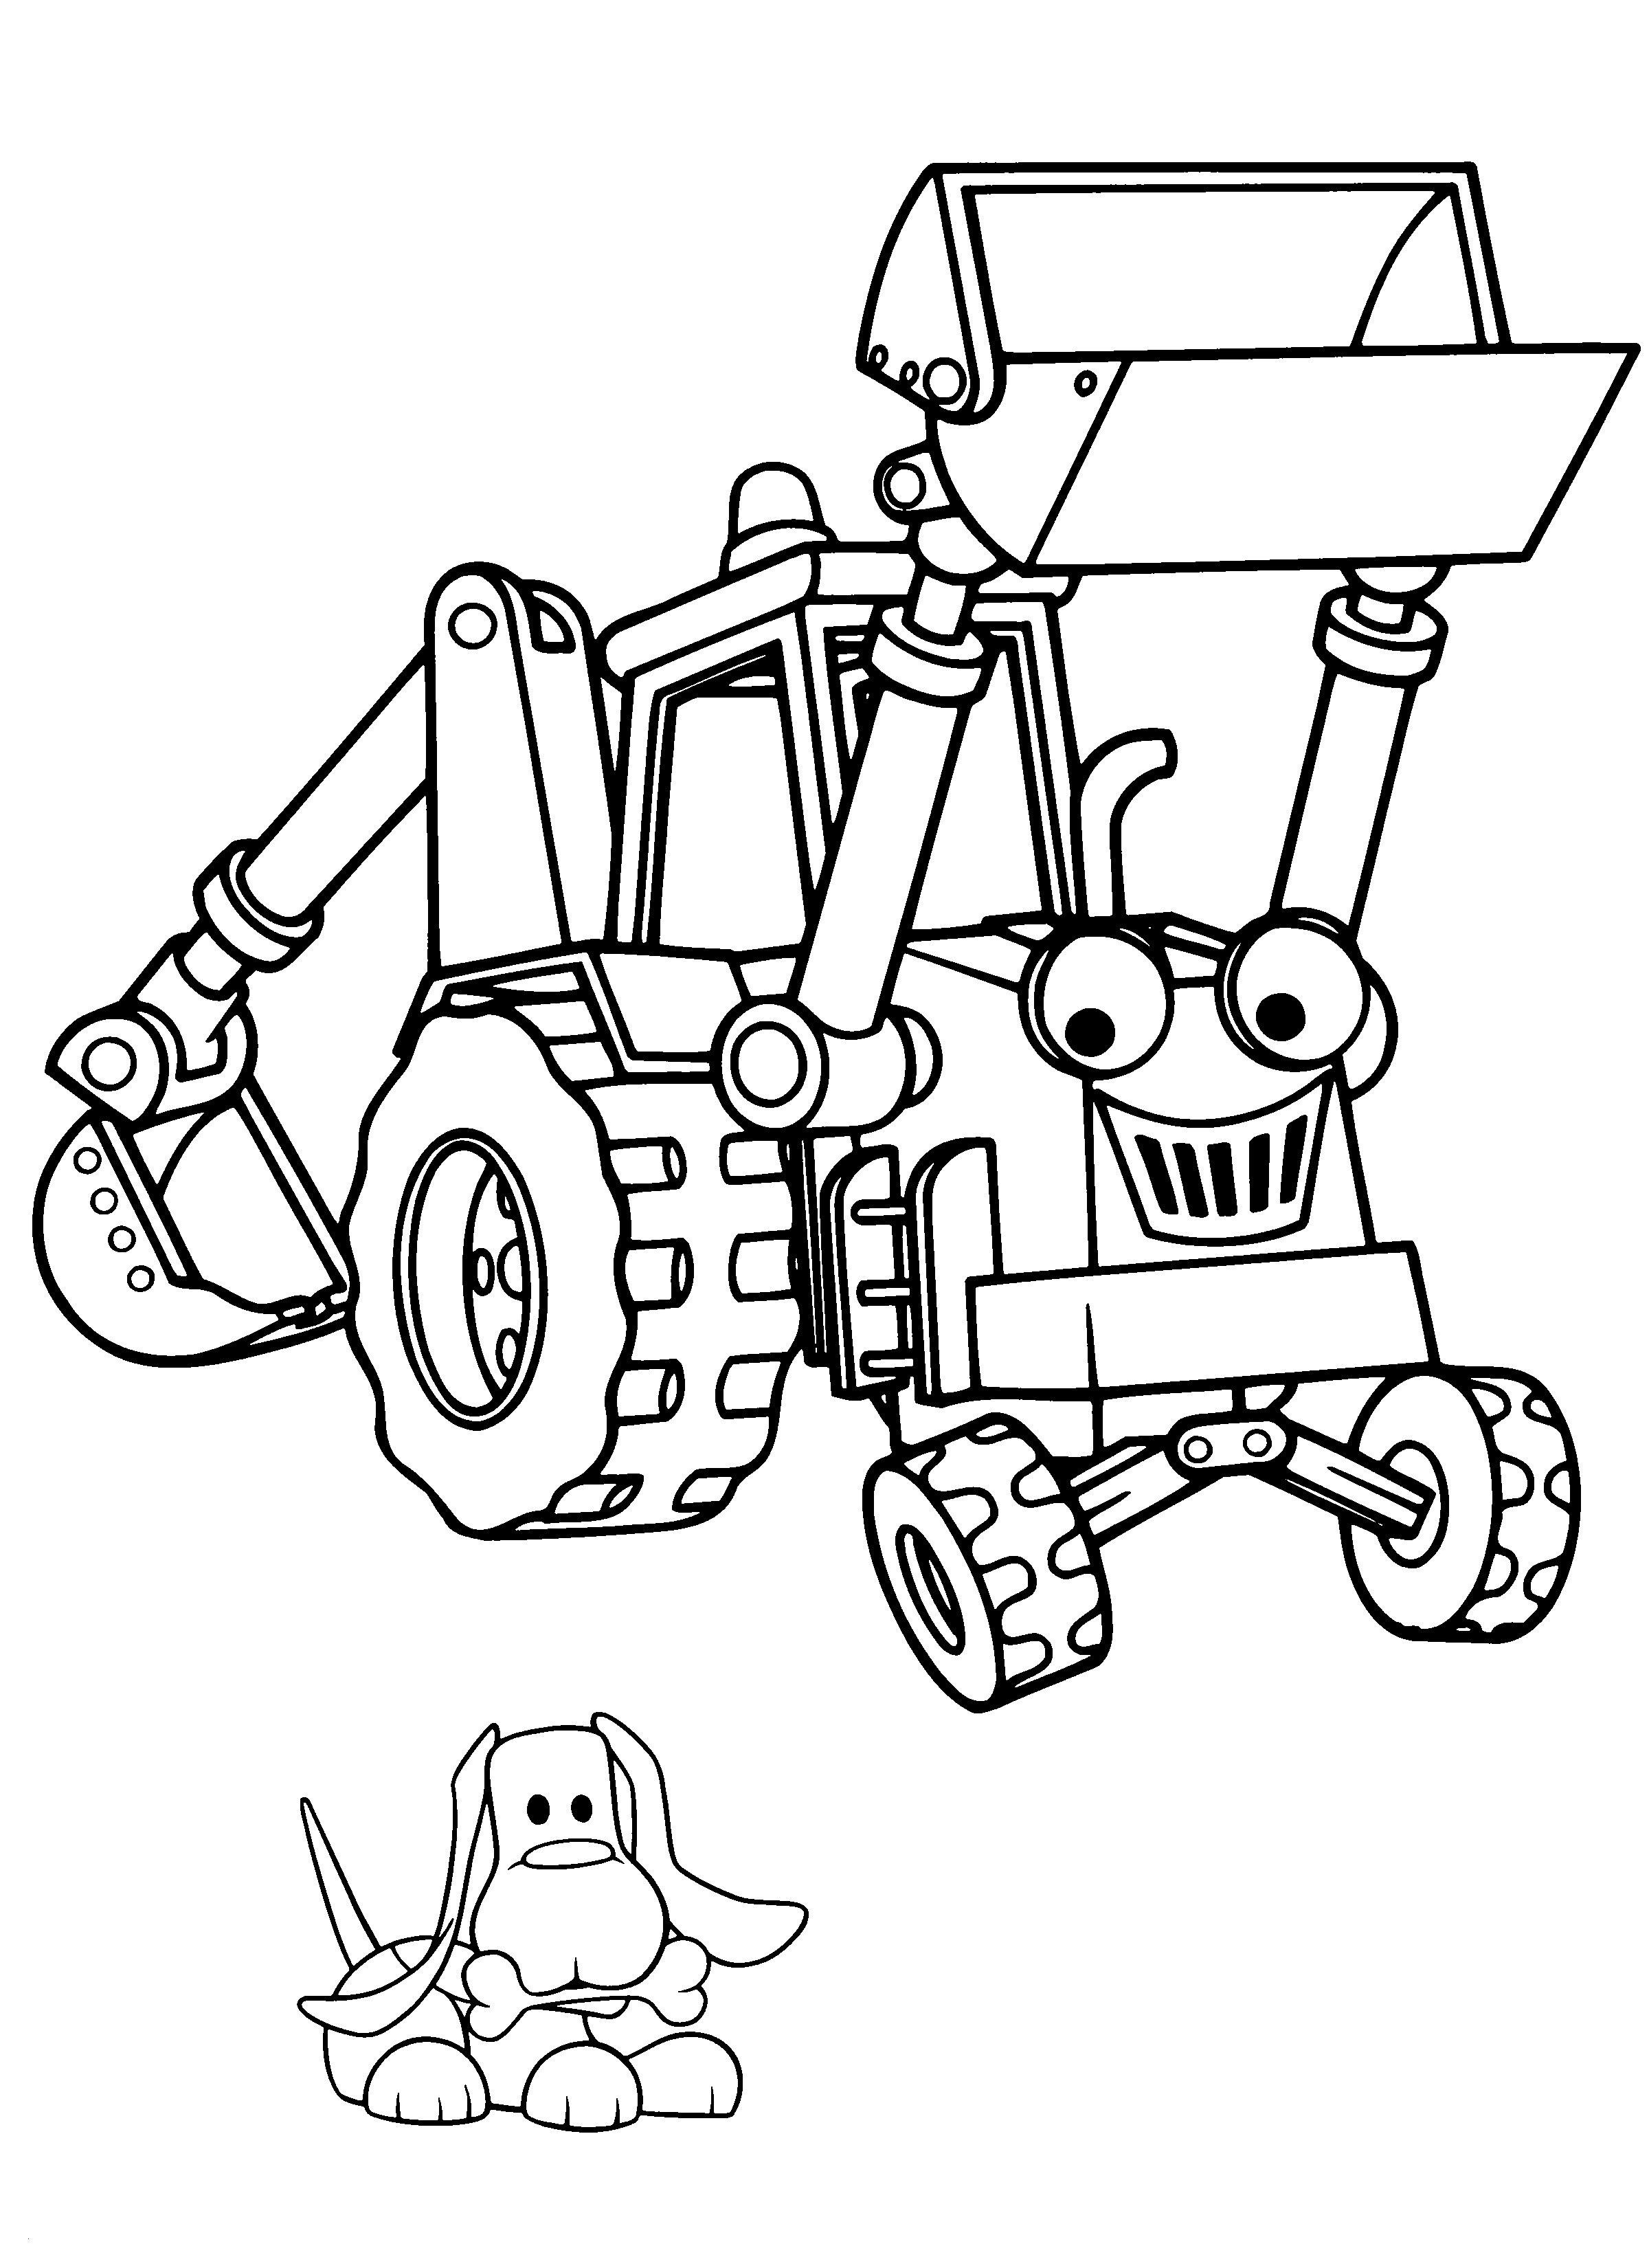 Ausmalbilder Winnie Pooh Und Seine Freunde Malvorlagen Das Beste Von Minion Ausmalbilder Bob Best Ausmalbilder Winnie Pooh Und Seine Das Bild